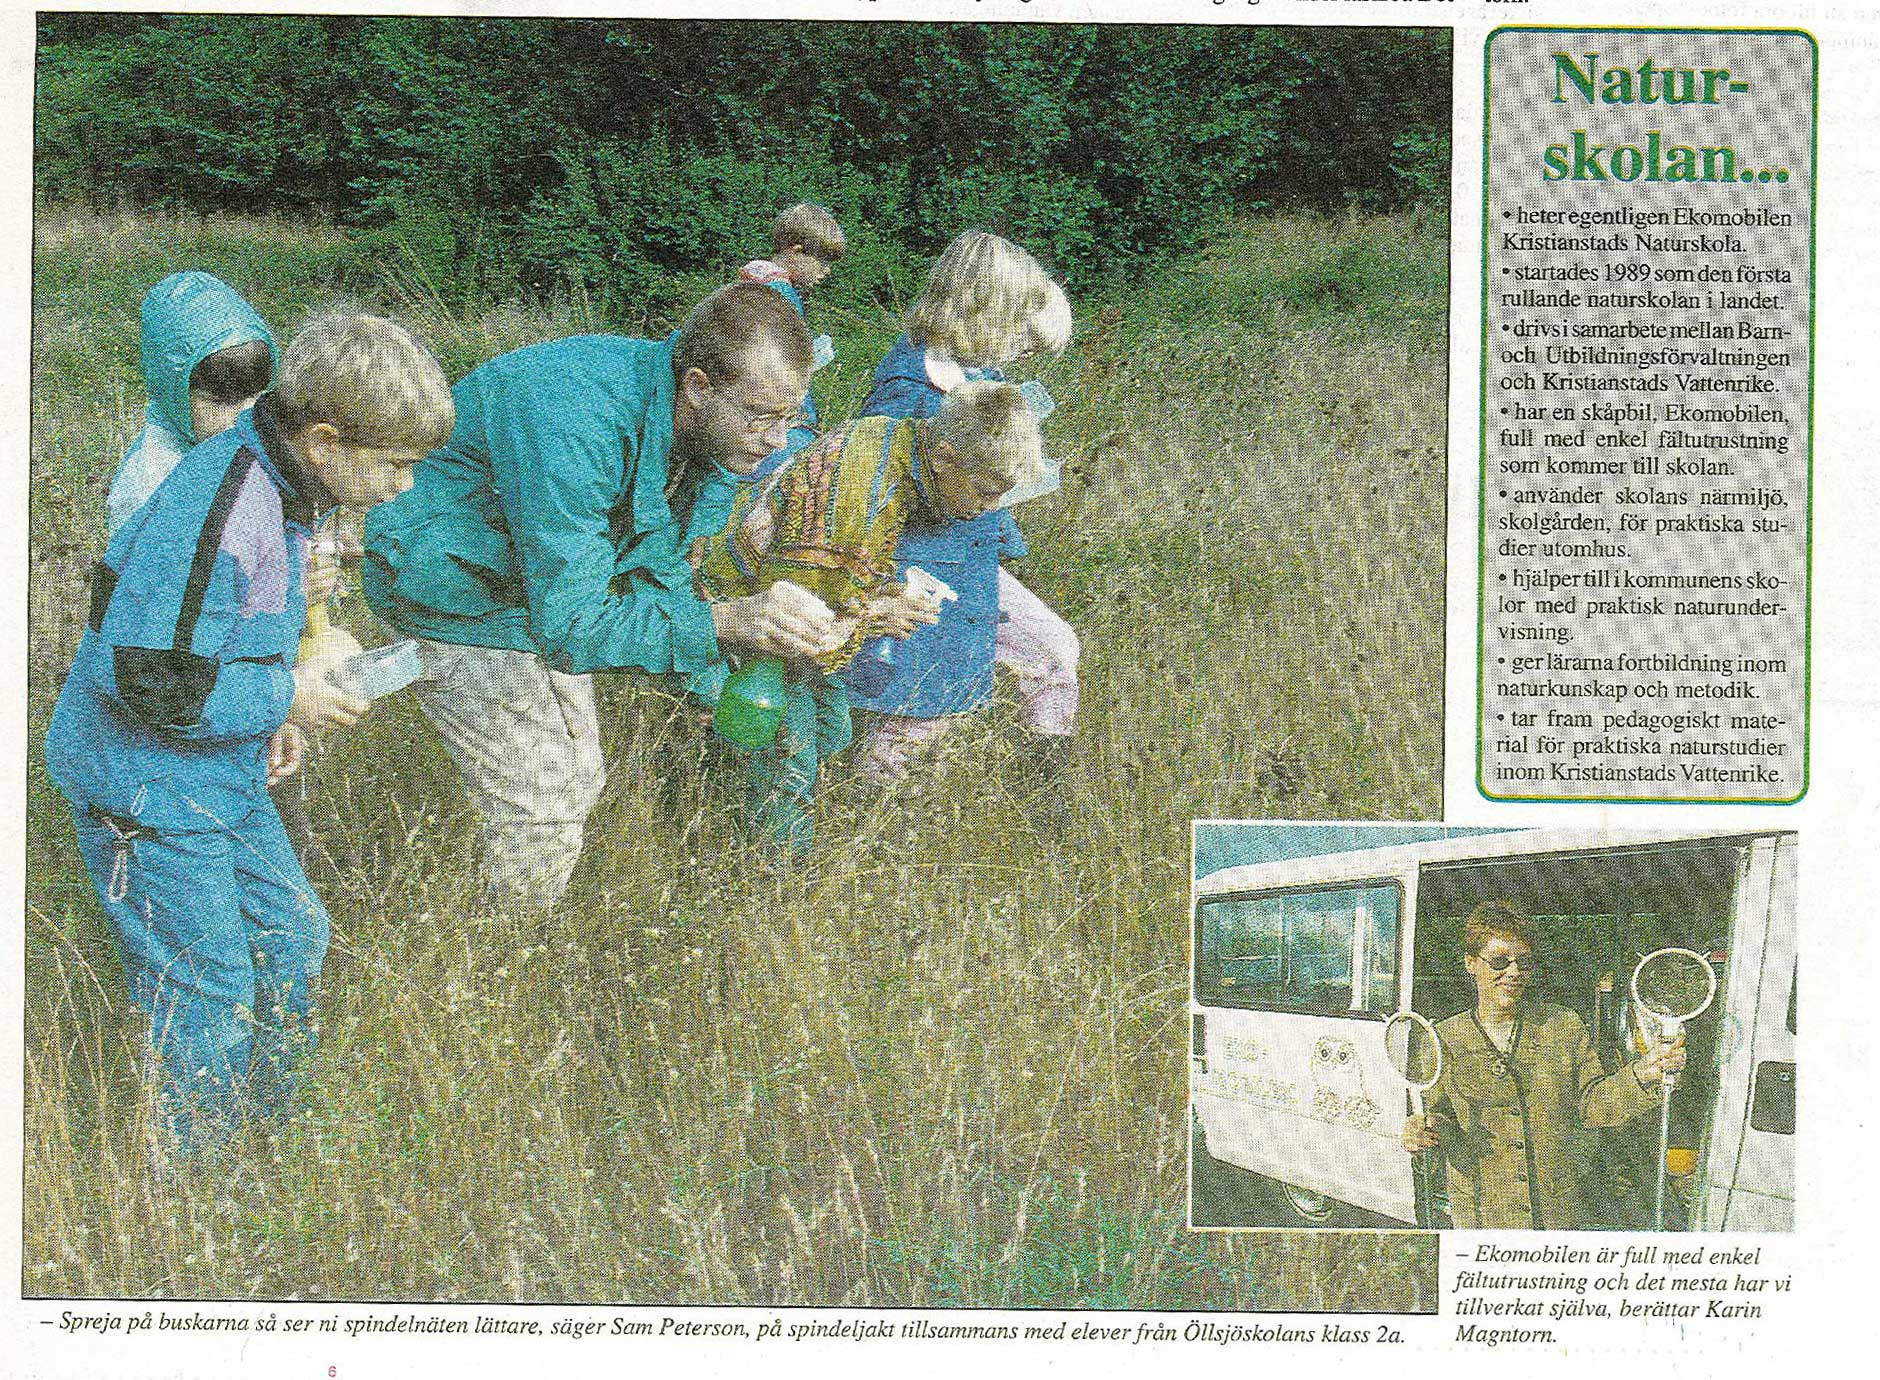 1995 Naturskolan är etablerad i Kristianstads kommun